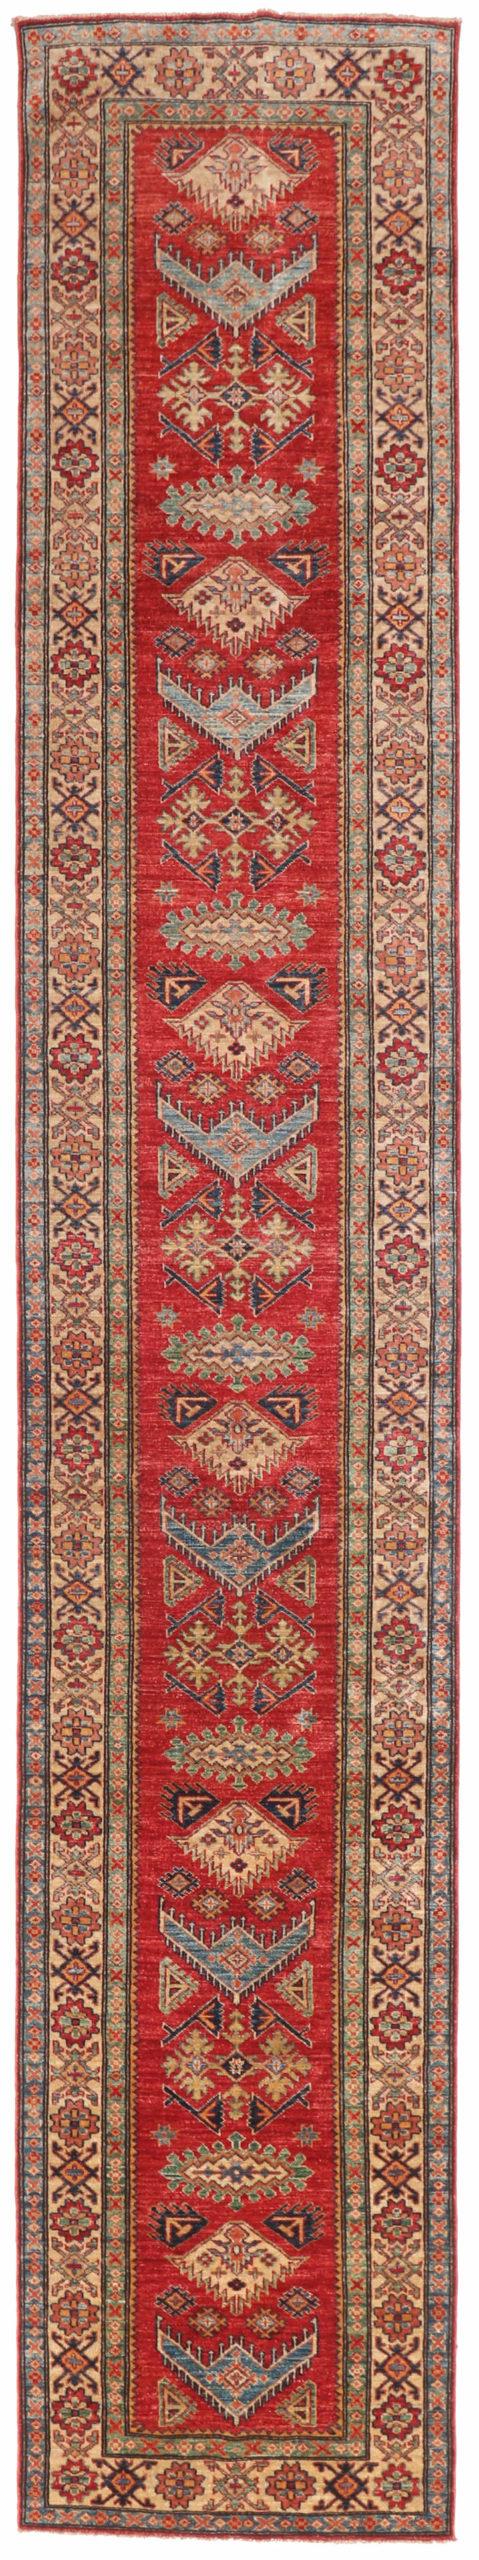 592294 Kazak Size 504 X 86 Cm 1 Scaled